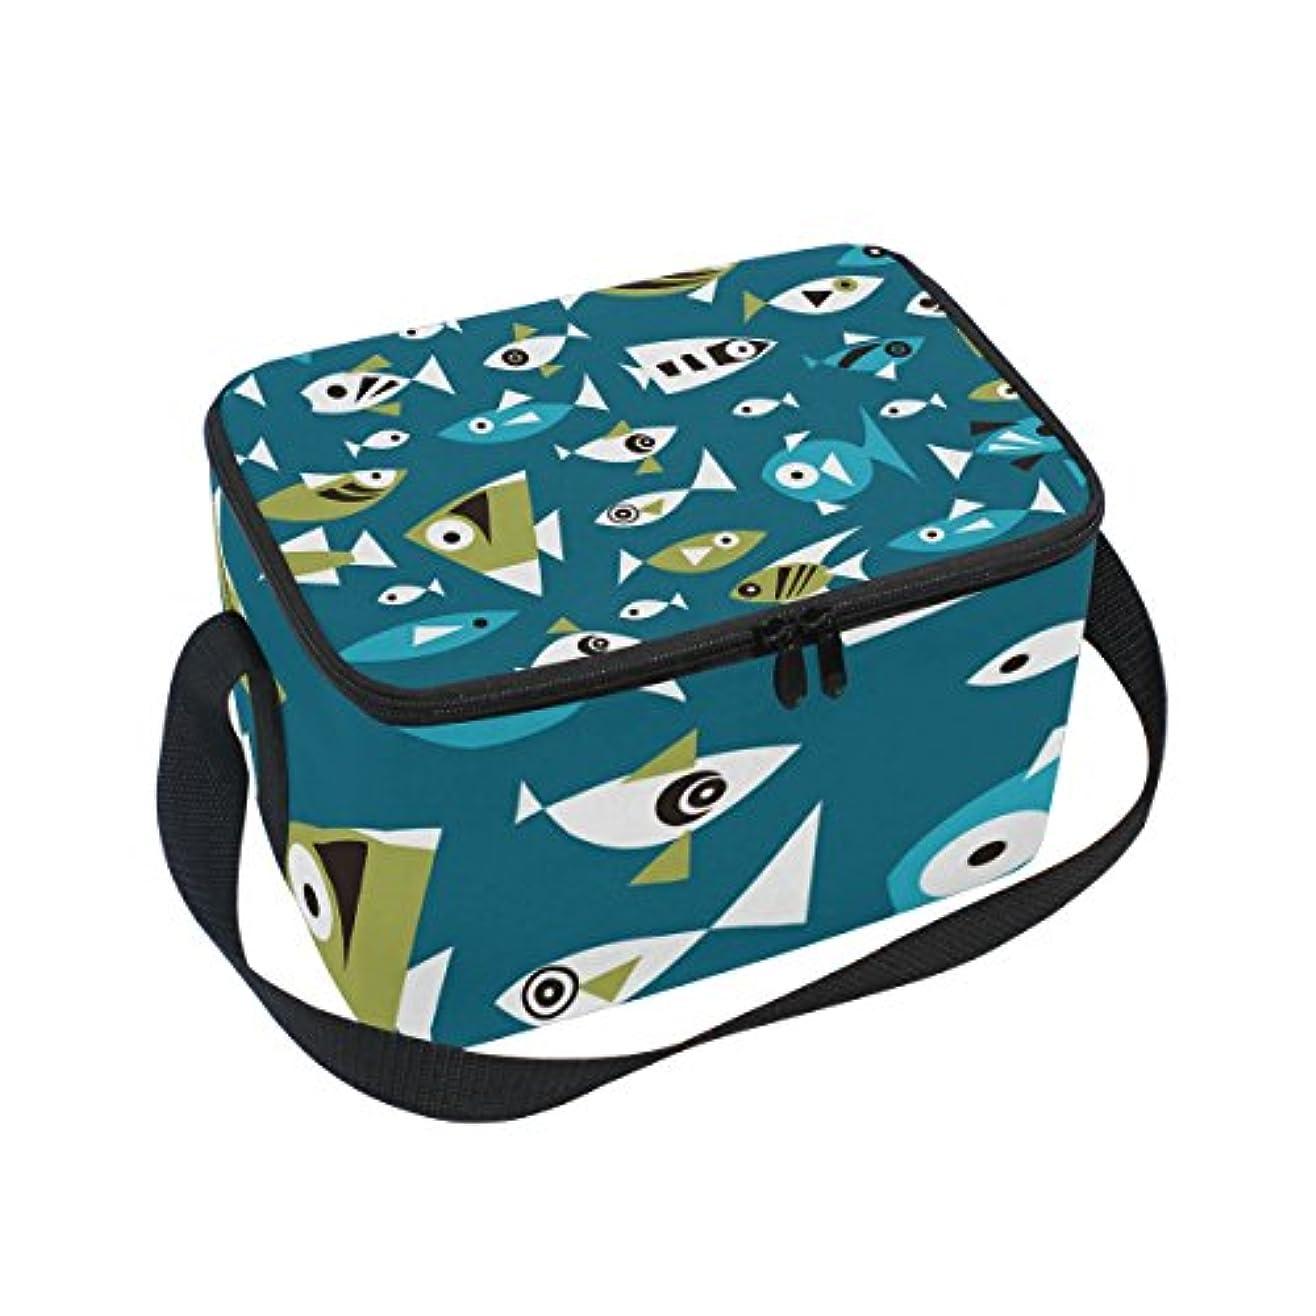 パシフィック魔女開発クーラーバッグ クーラーボックス ソフトクーラ 冷蔵ボックス キャンプ用品 魚柄 ネイビー 保冷保温 大容量 肩掛け お花見 アウトドア